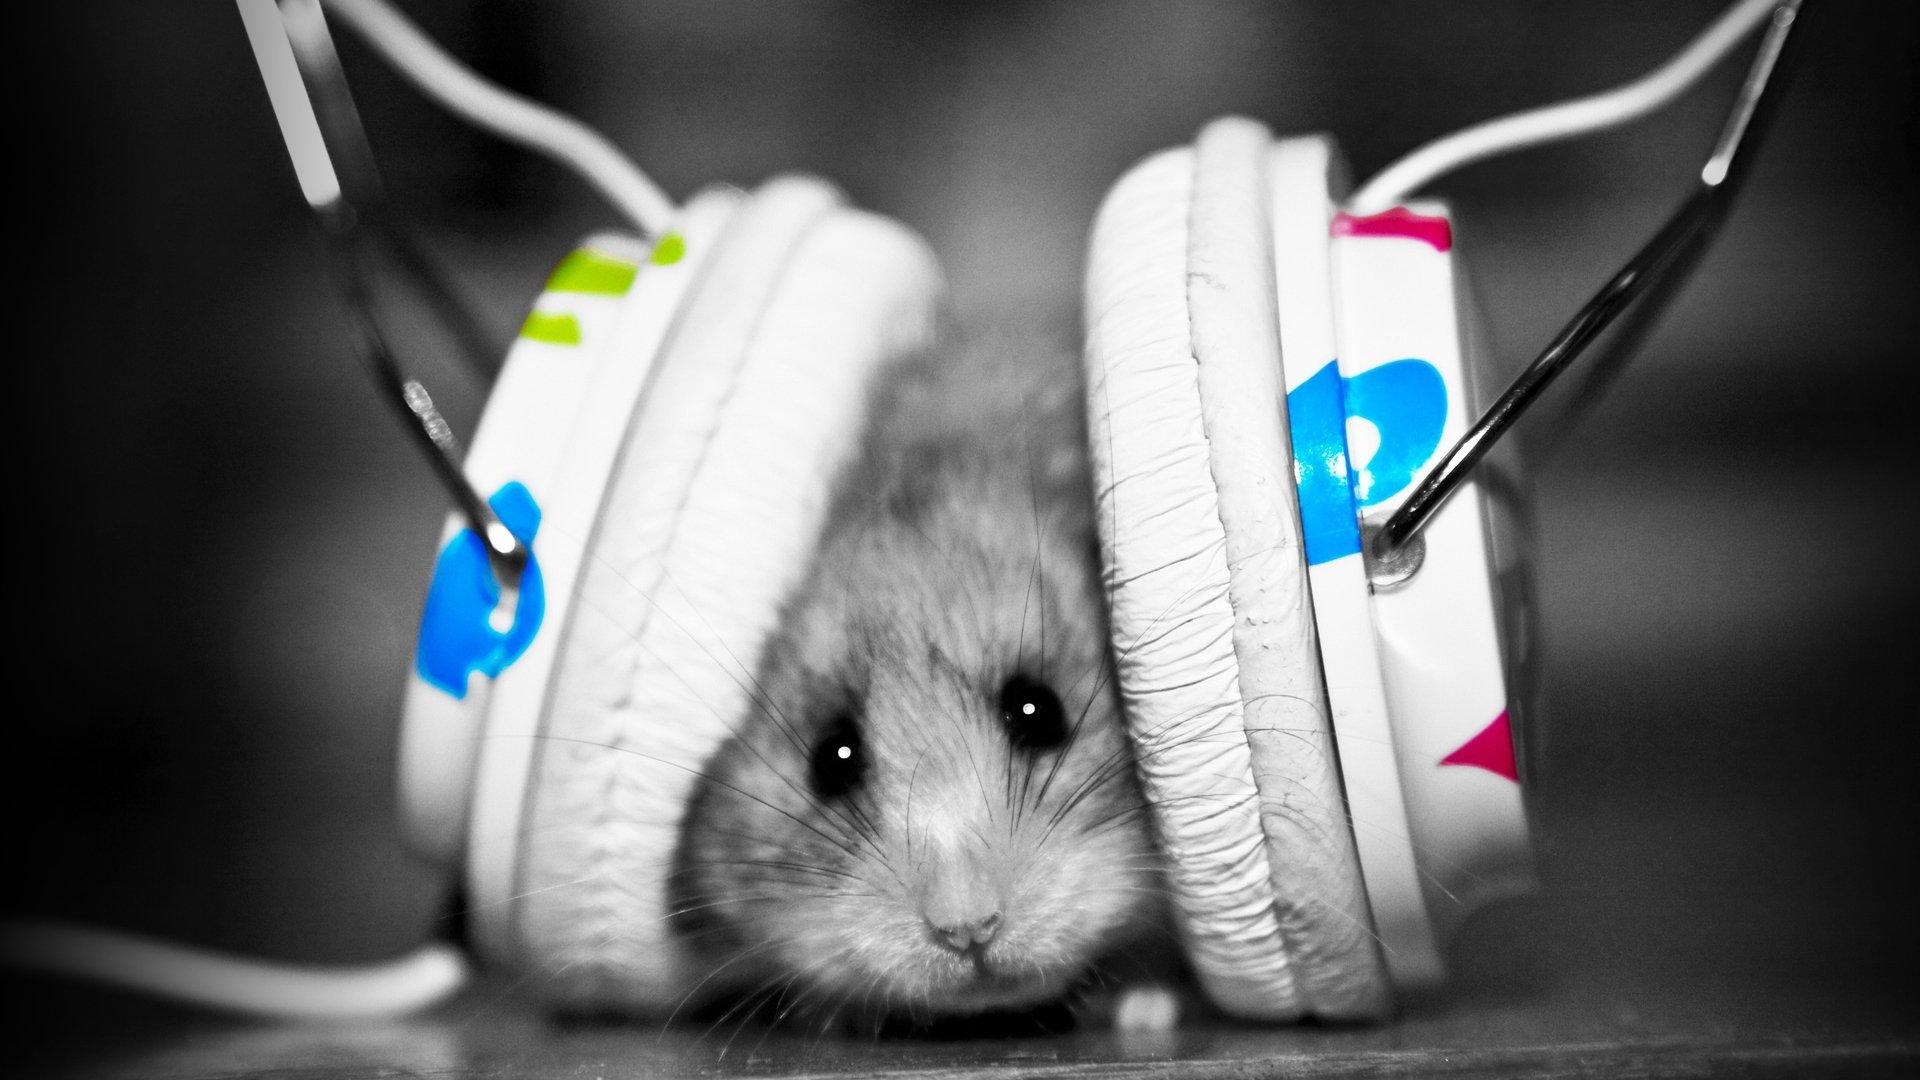 Эксперты составили рейтинг преданности музыкальным жанрам - Изображение 1